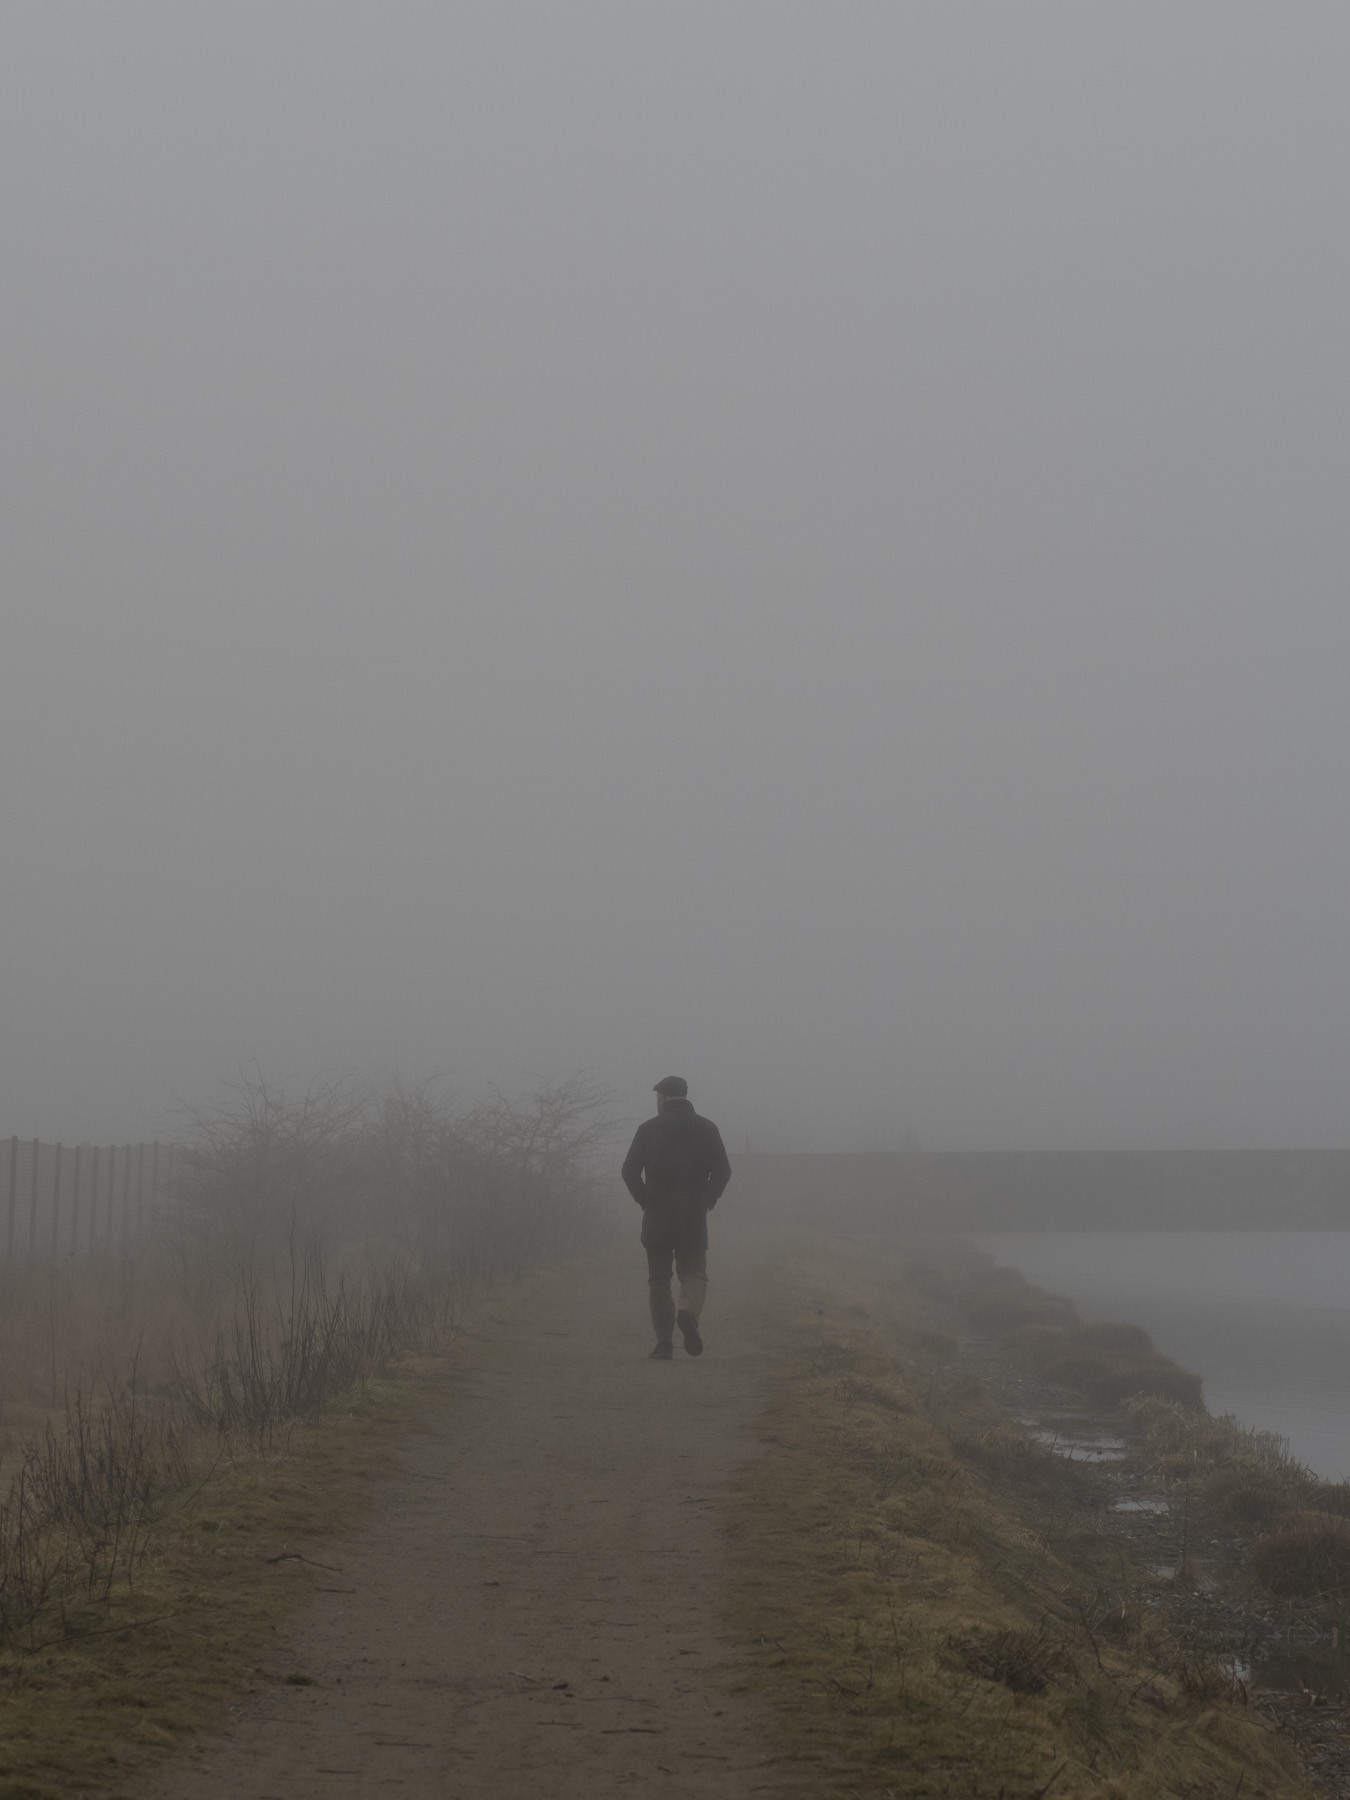 Ørestad: Spidsen ud mod Kalvebod Fælled i tyk tåge